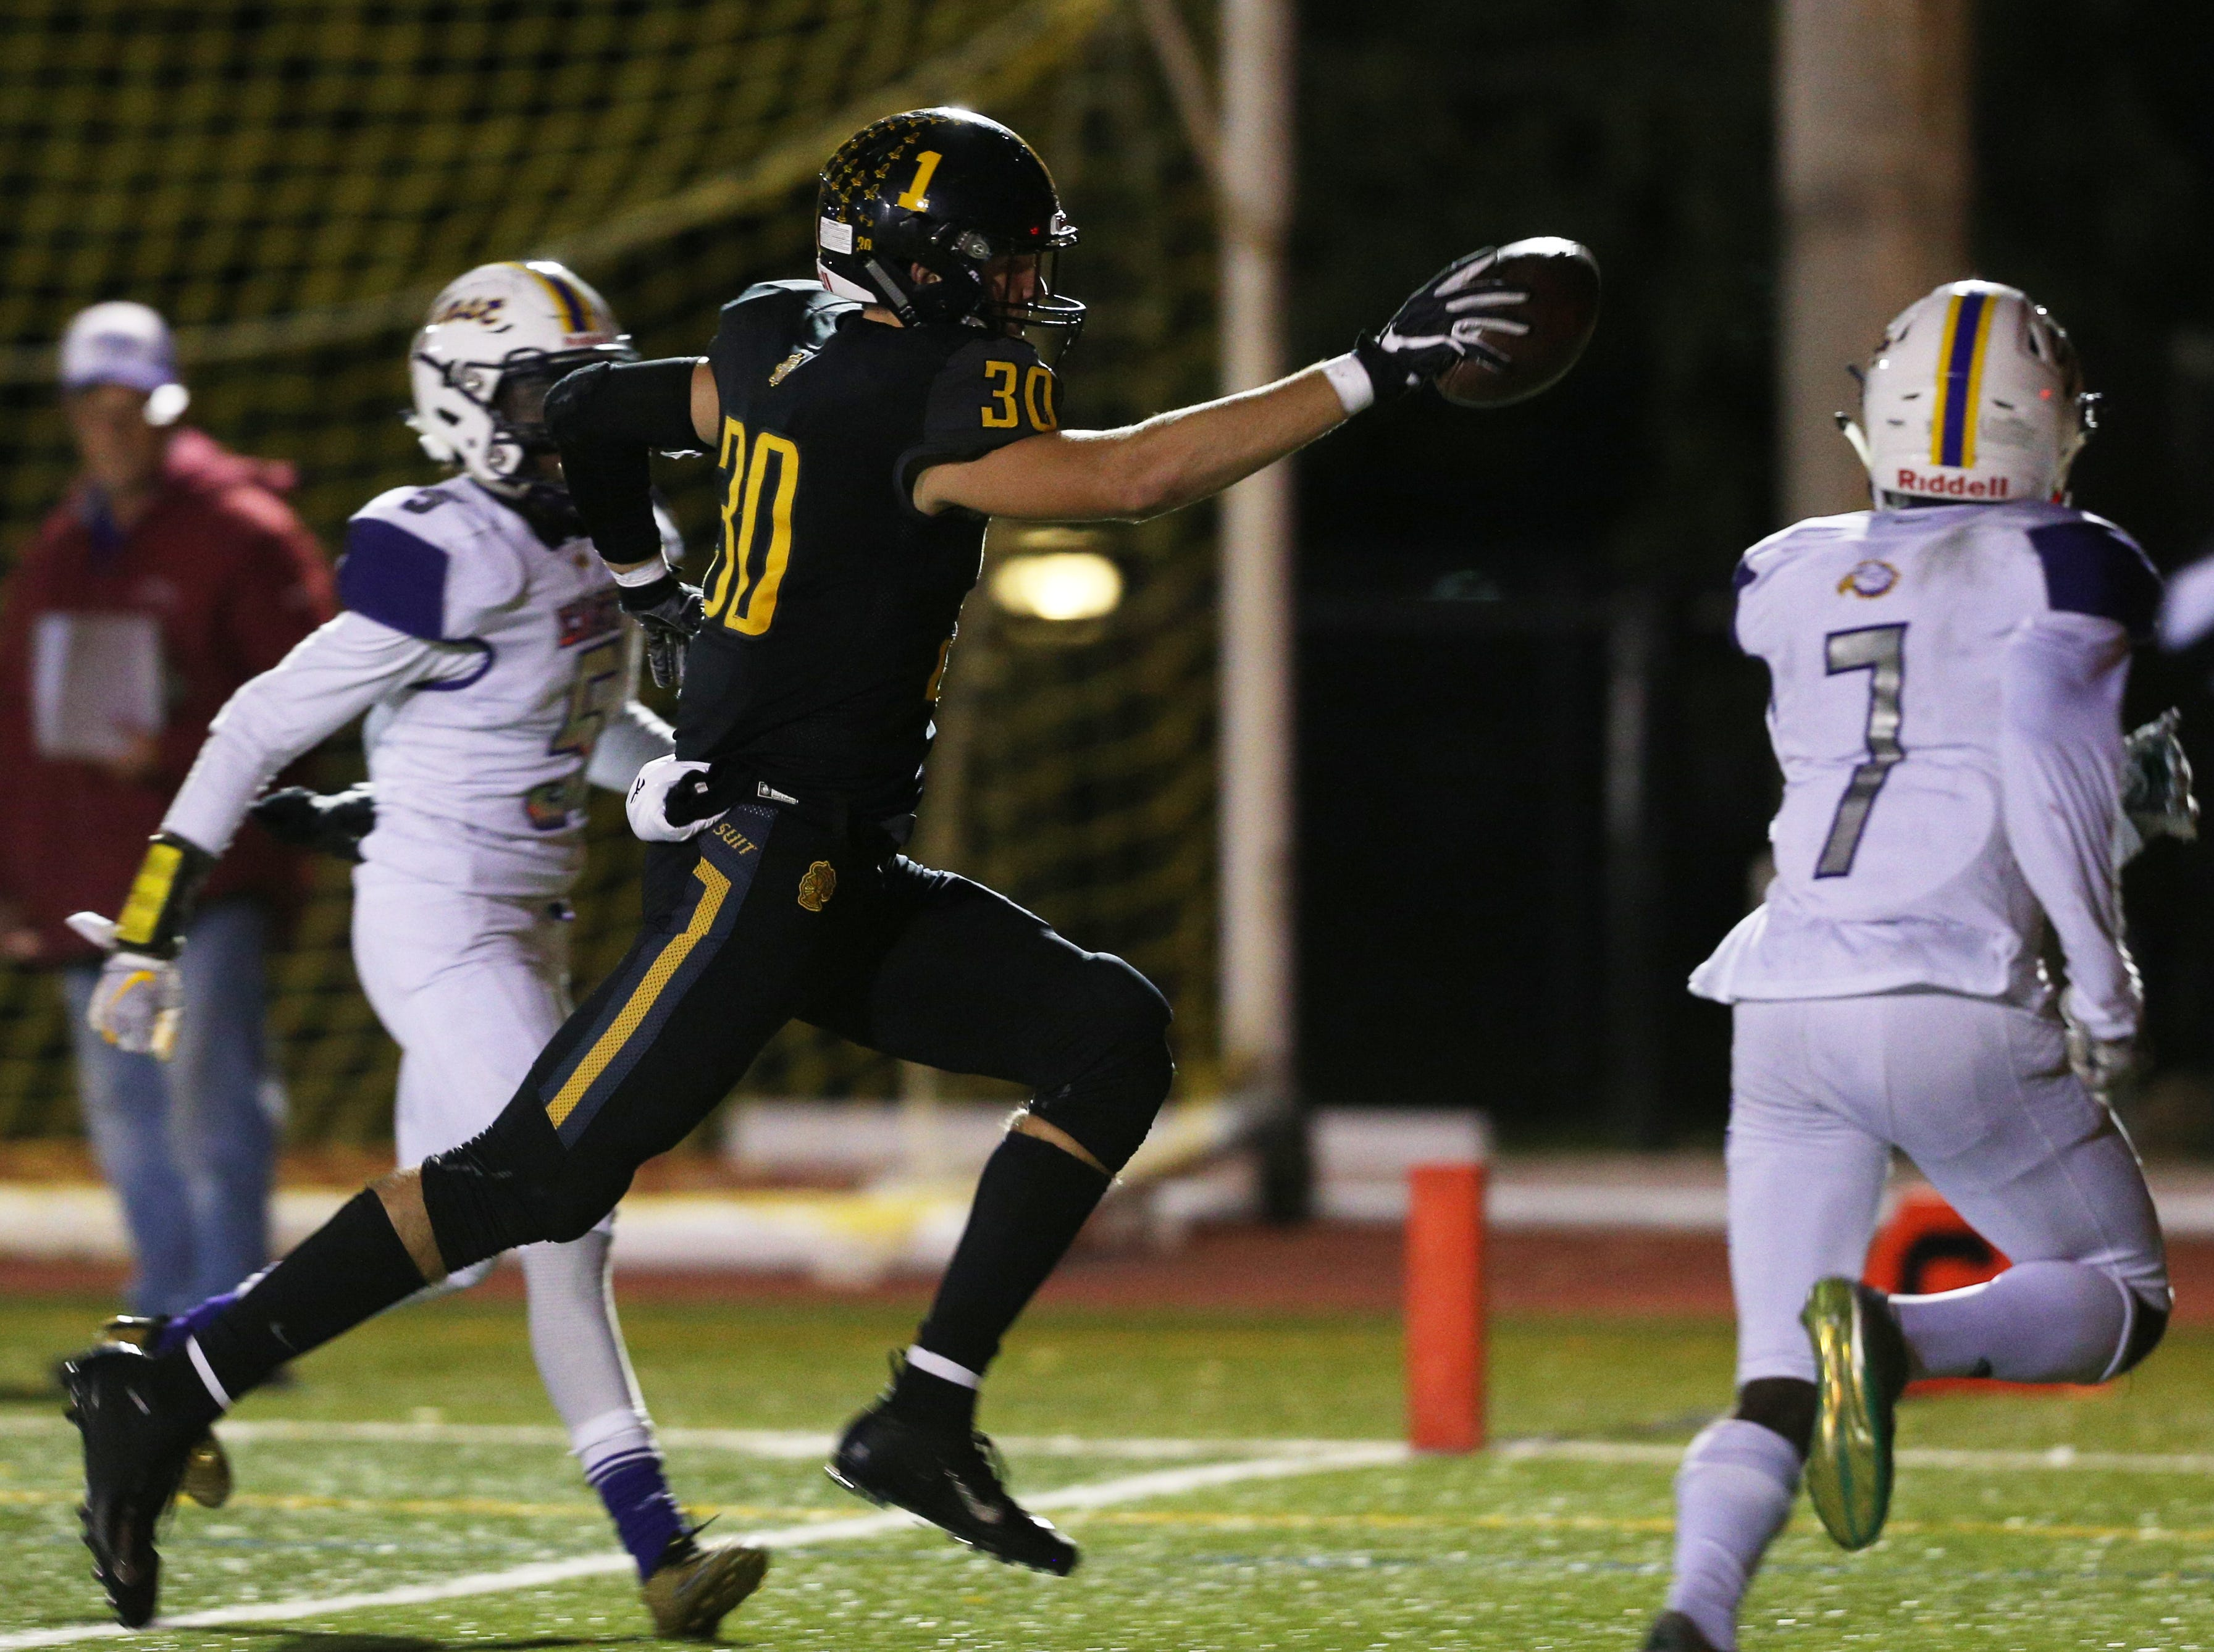 McQuaid's Connor Zamiara runs in for a touchdown against East.